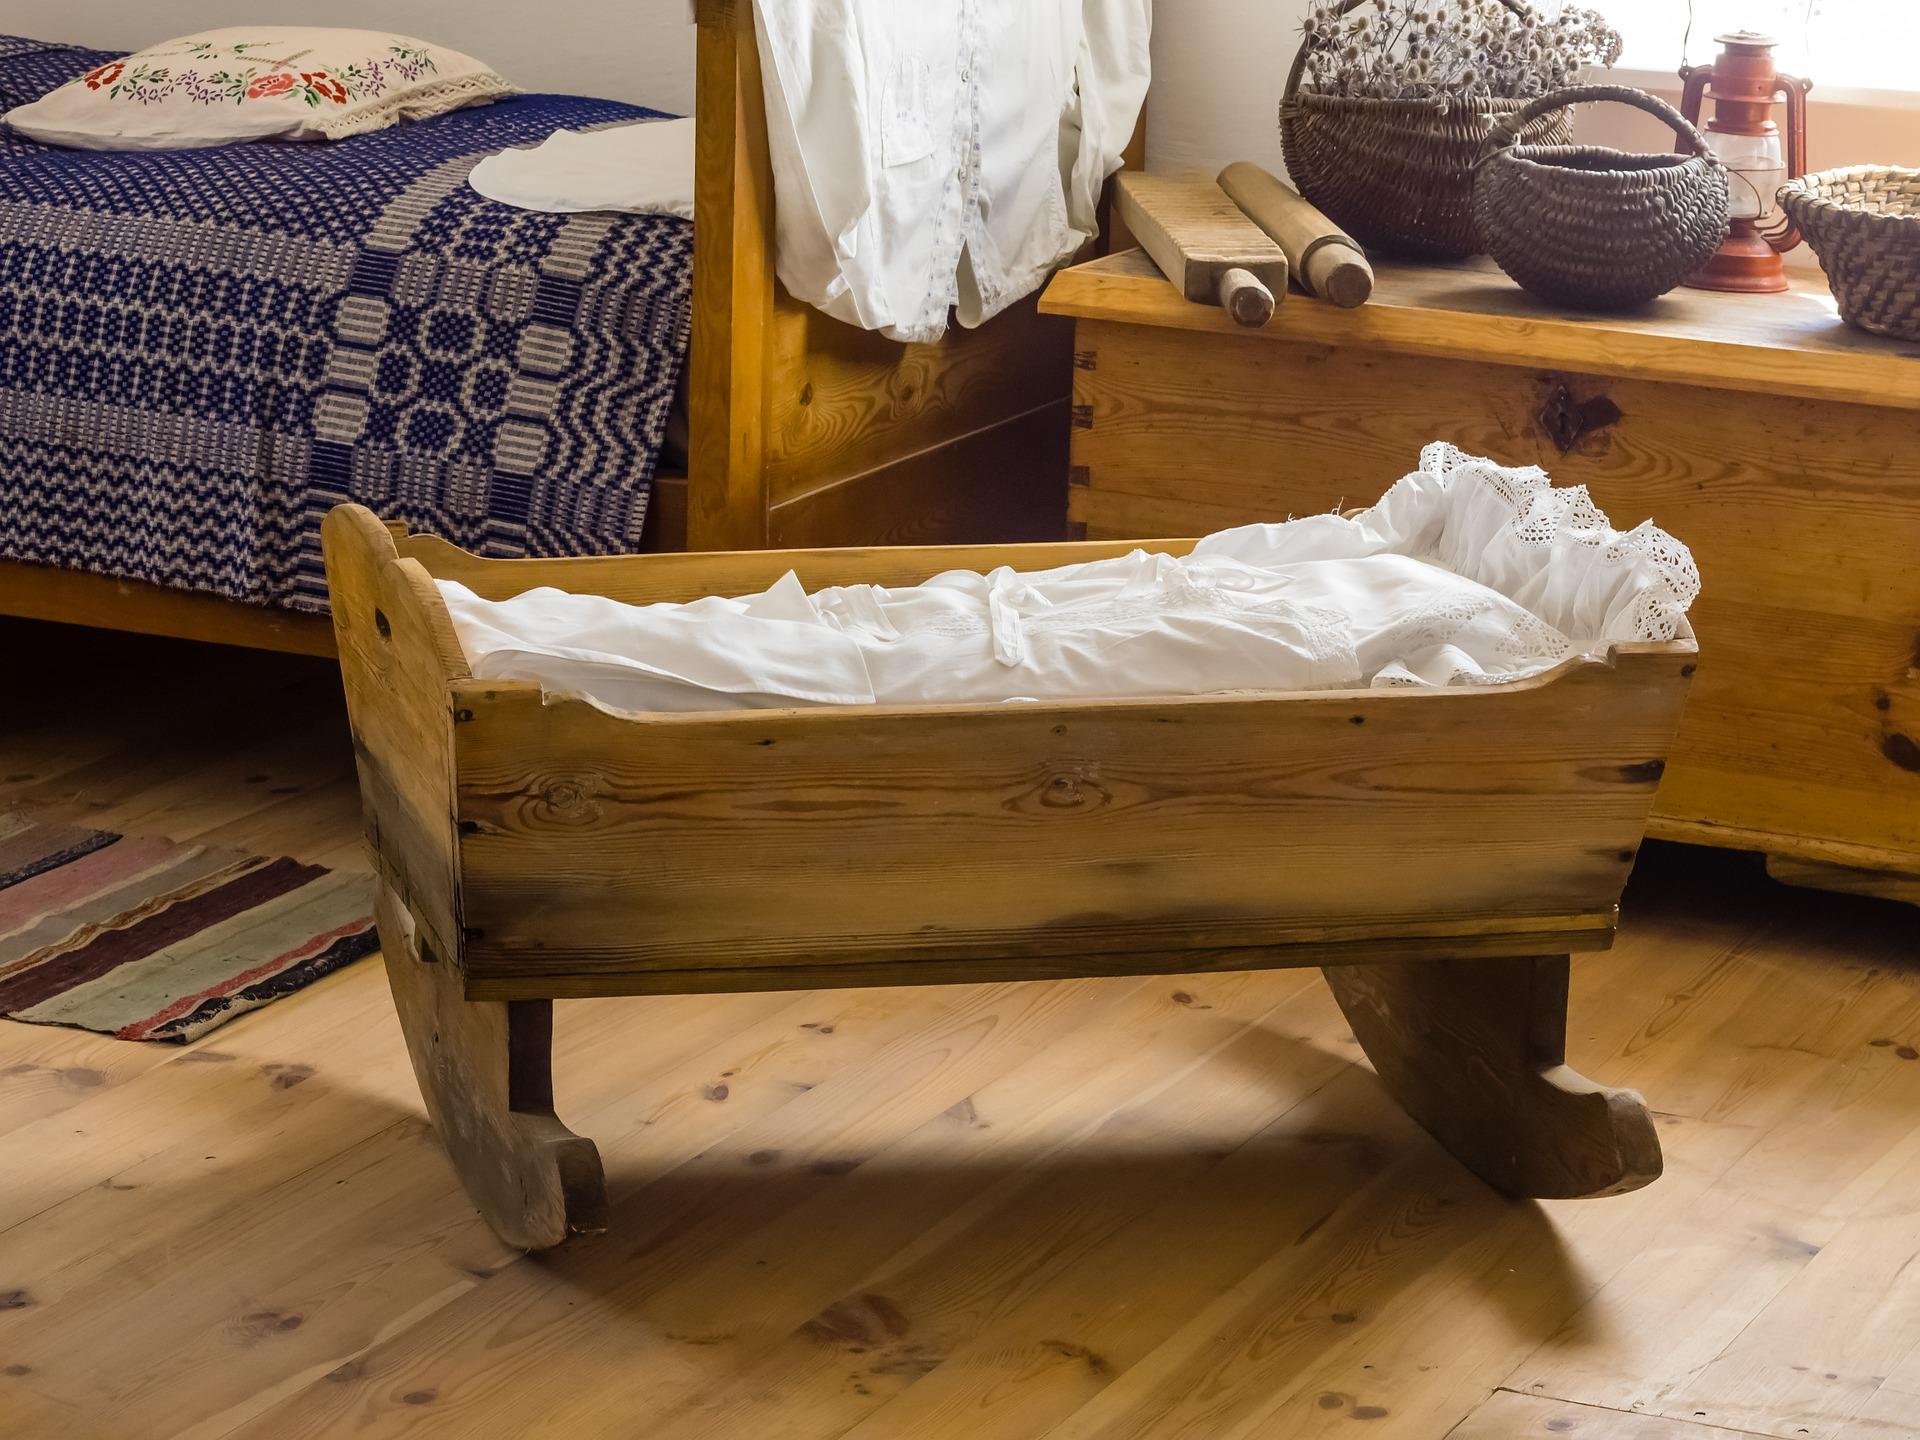 cradle-770287_1920